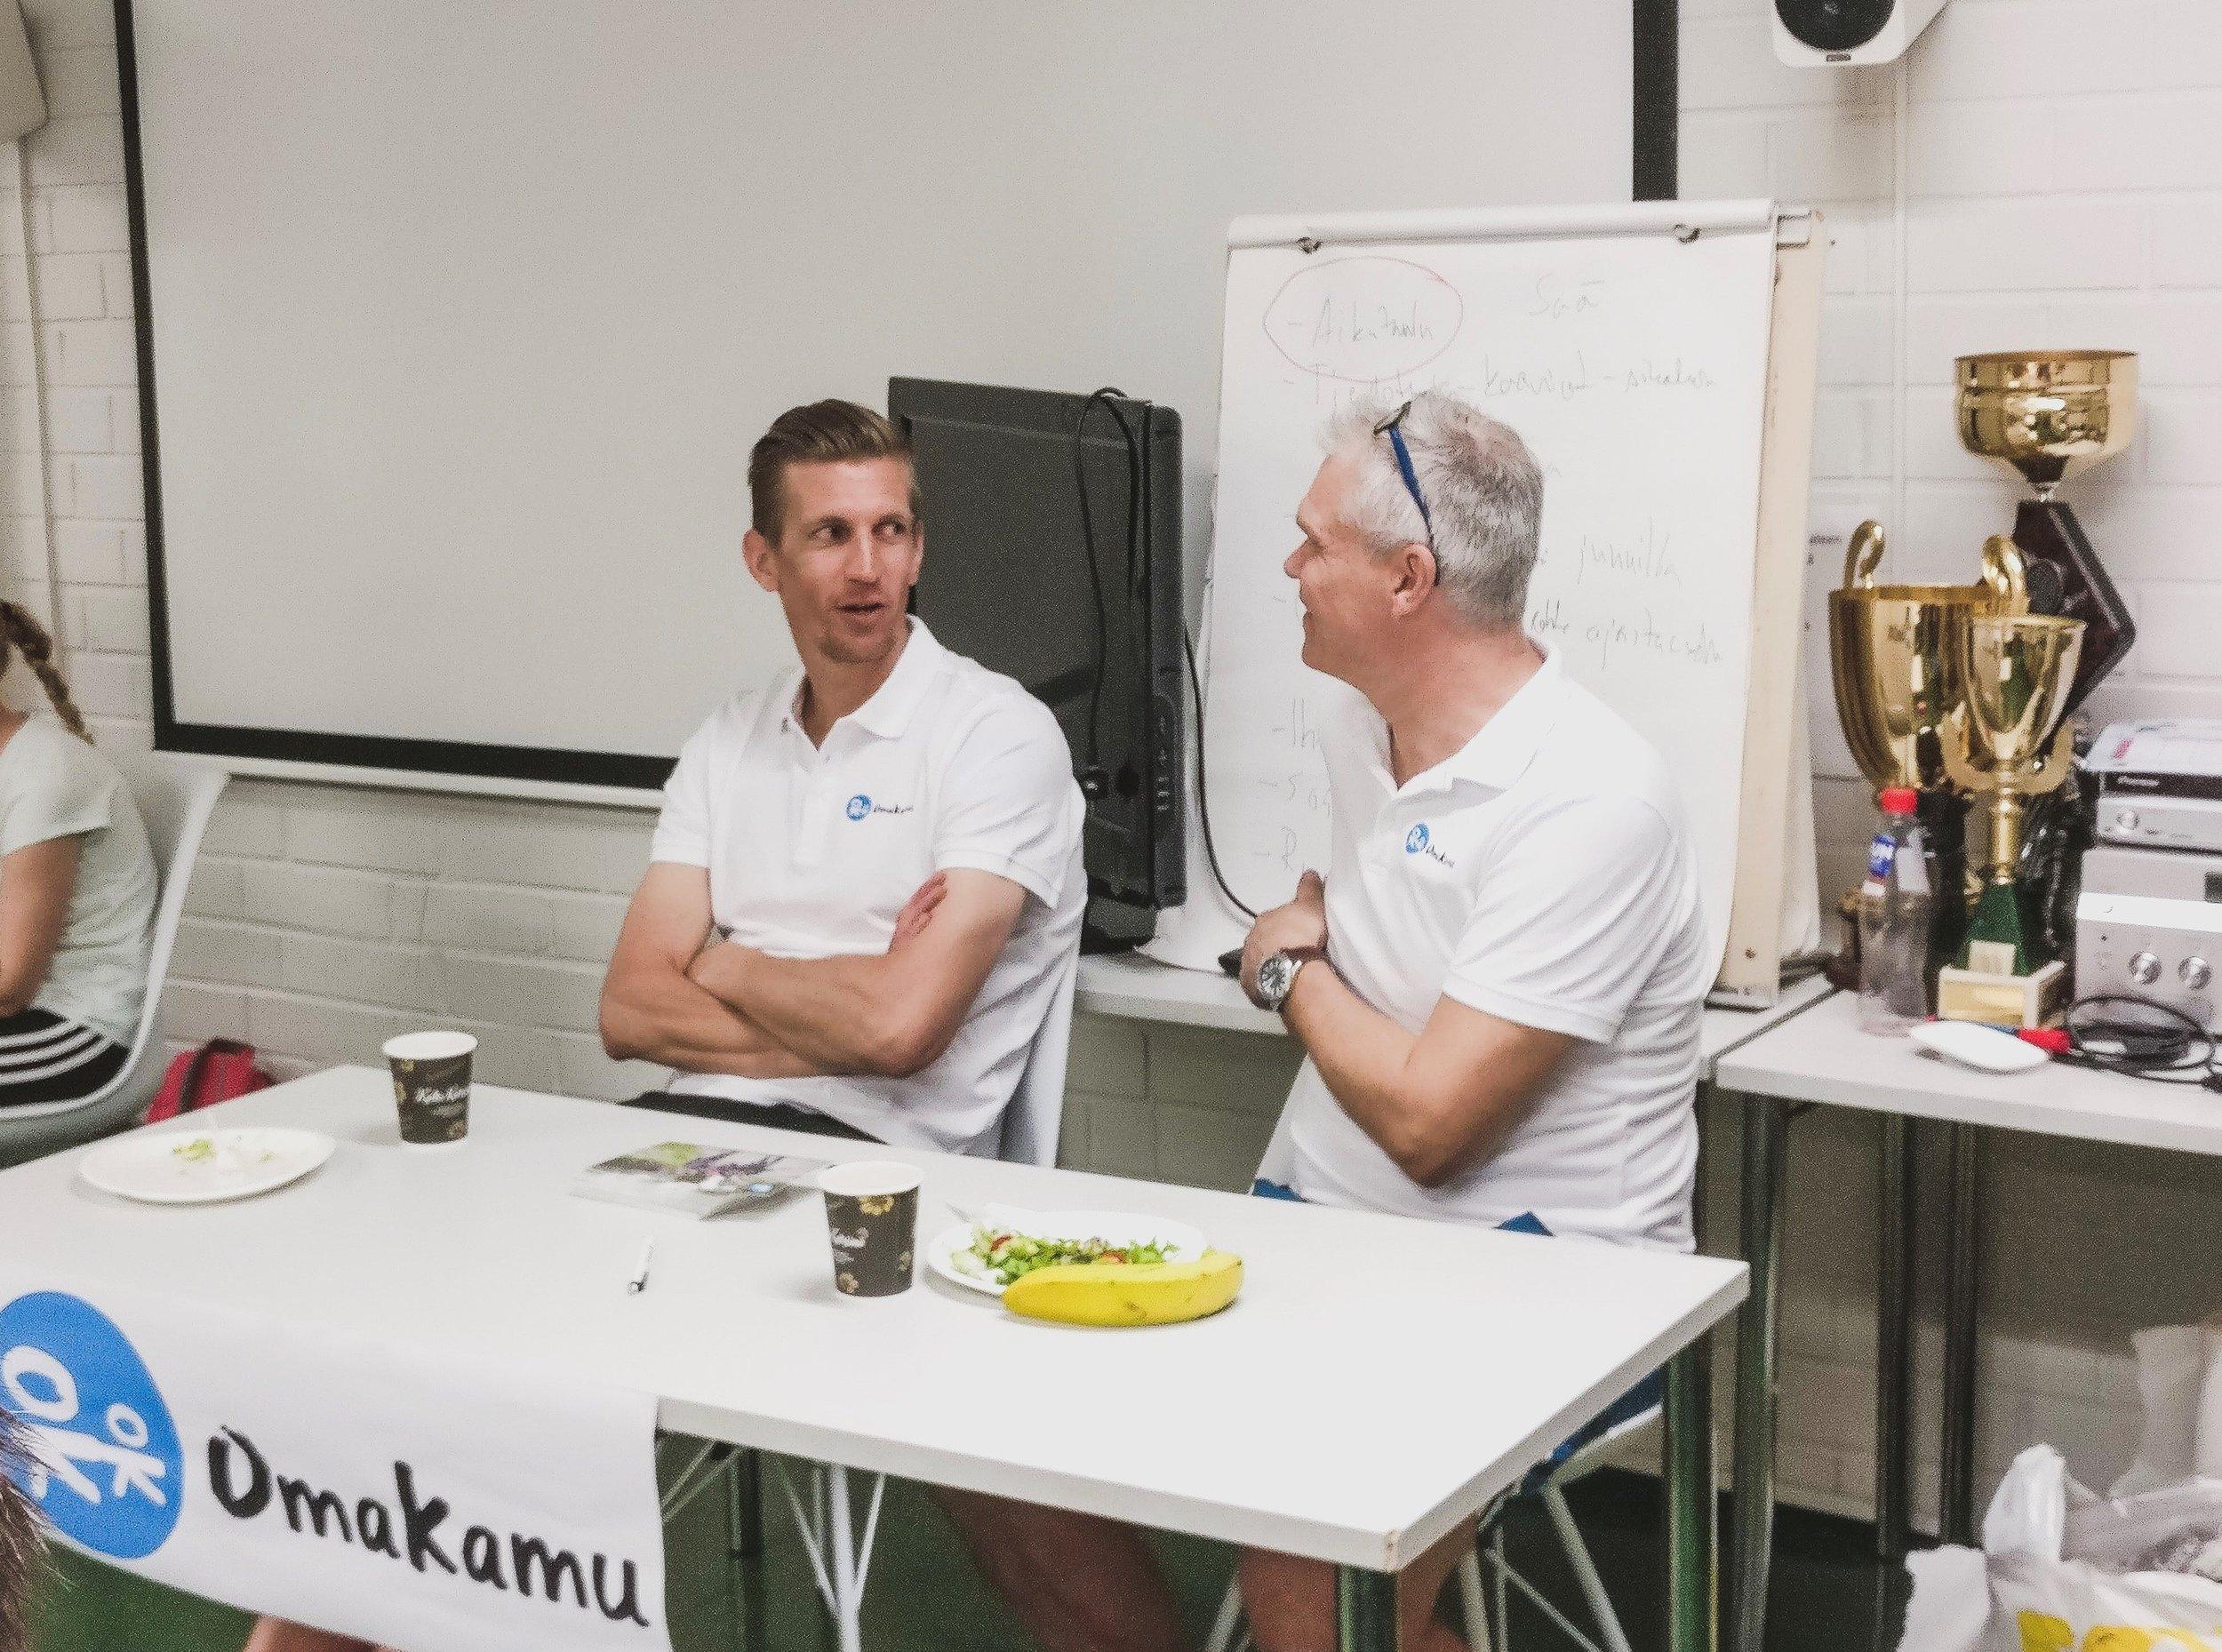 Jarkko Nieminen ja kaveritoiminnan johtaja. Tukihenkilötoiminta ja vapaaehtoistyö. Lapset ja aika.